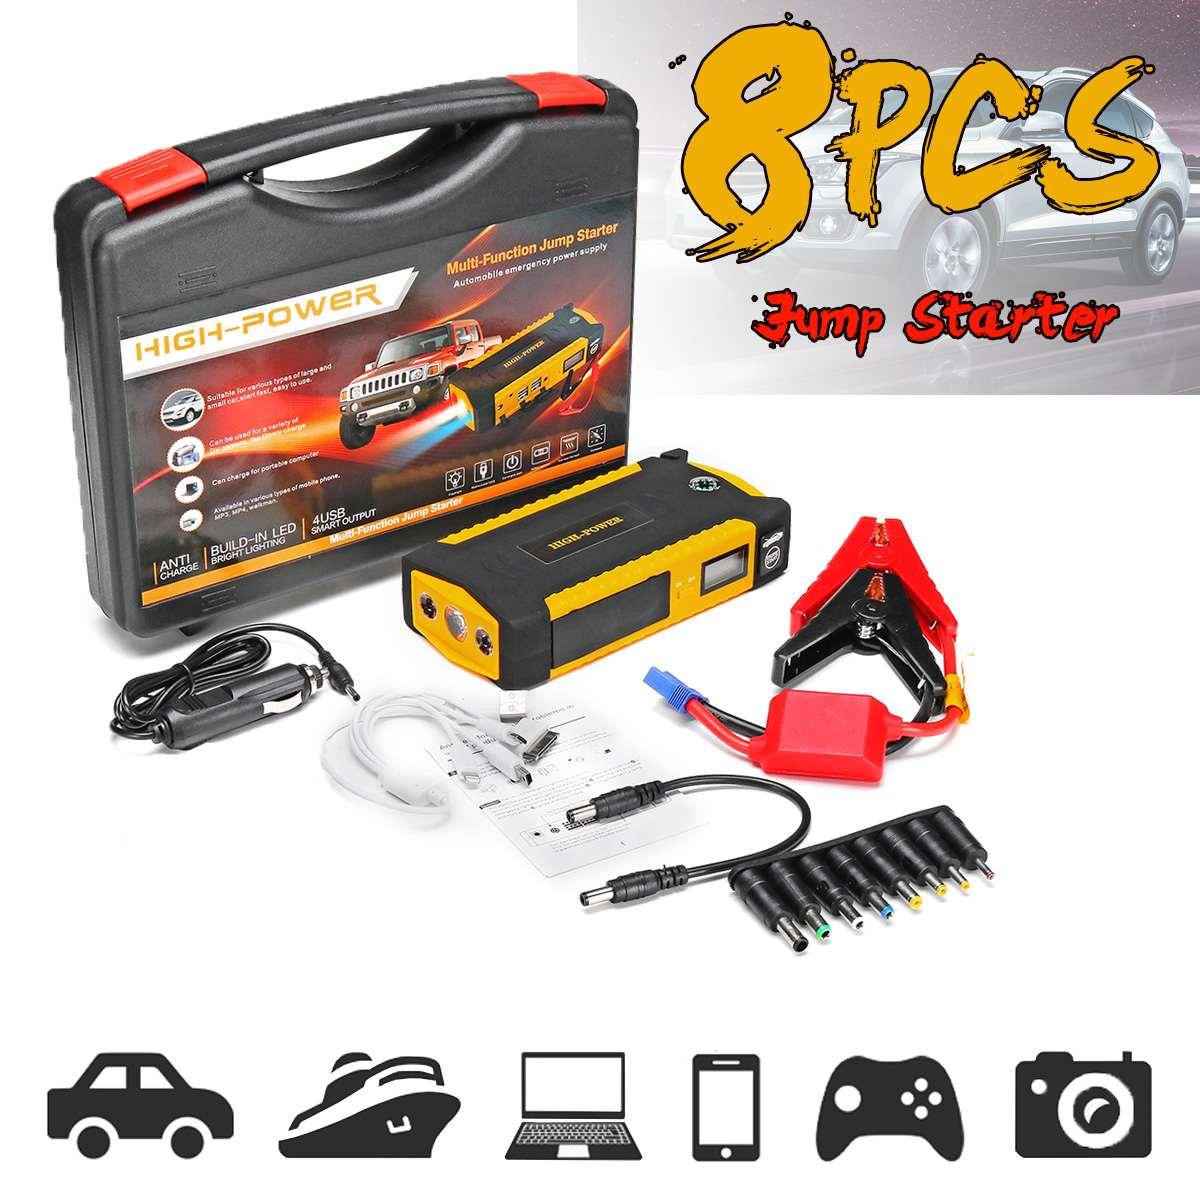 82800 mAh haute puissance voiture saut démarreur 12 V Portable démarrage dispositif batterie externe chargeur de voiture pour voiture batterie Booster Buster 4 USB